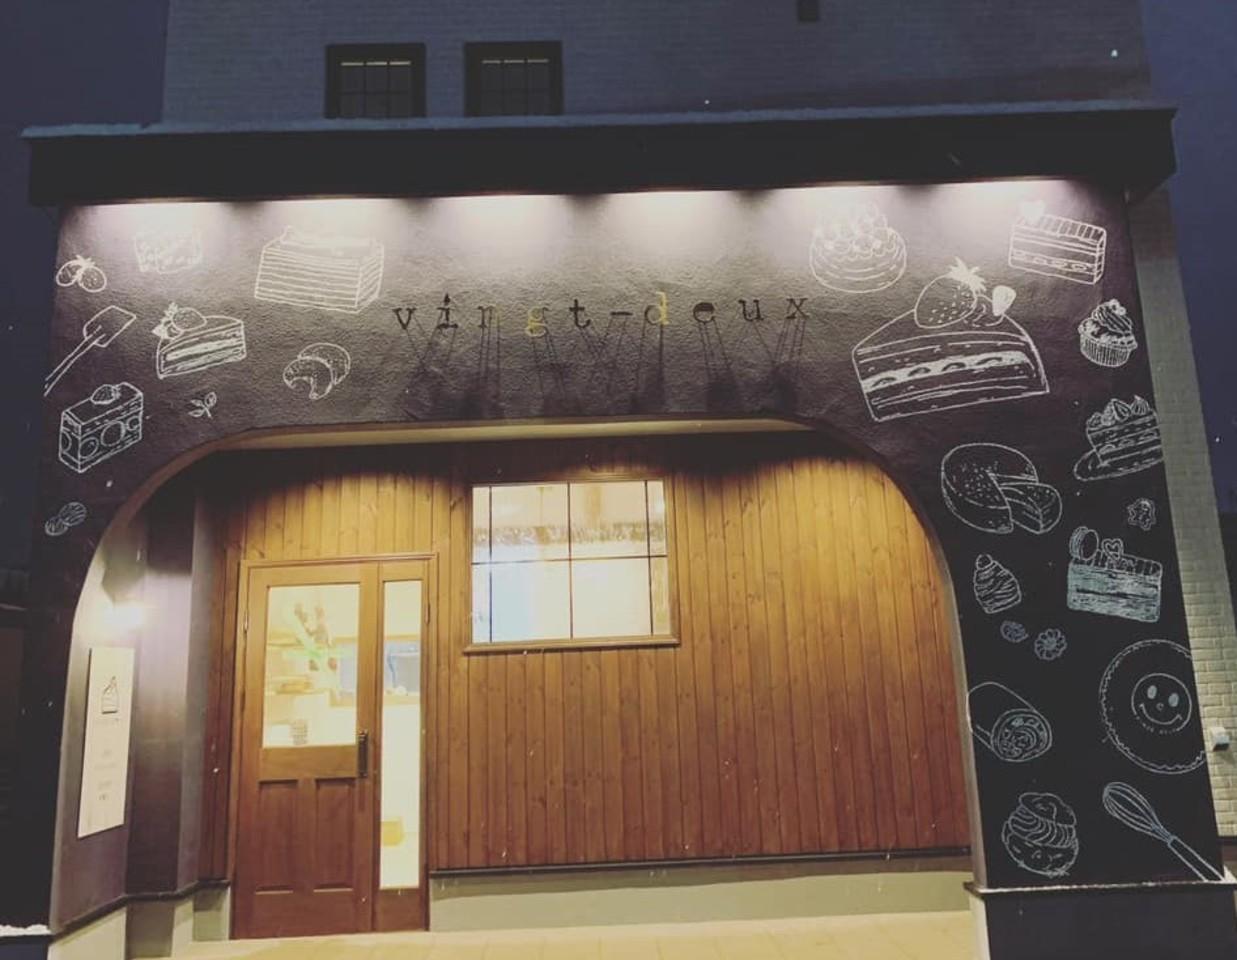 キャラデコケーキのお店。。青森県青森市奥野3丁目に『ヴァンドゥ』移転グランドオープン